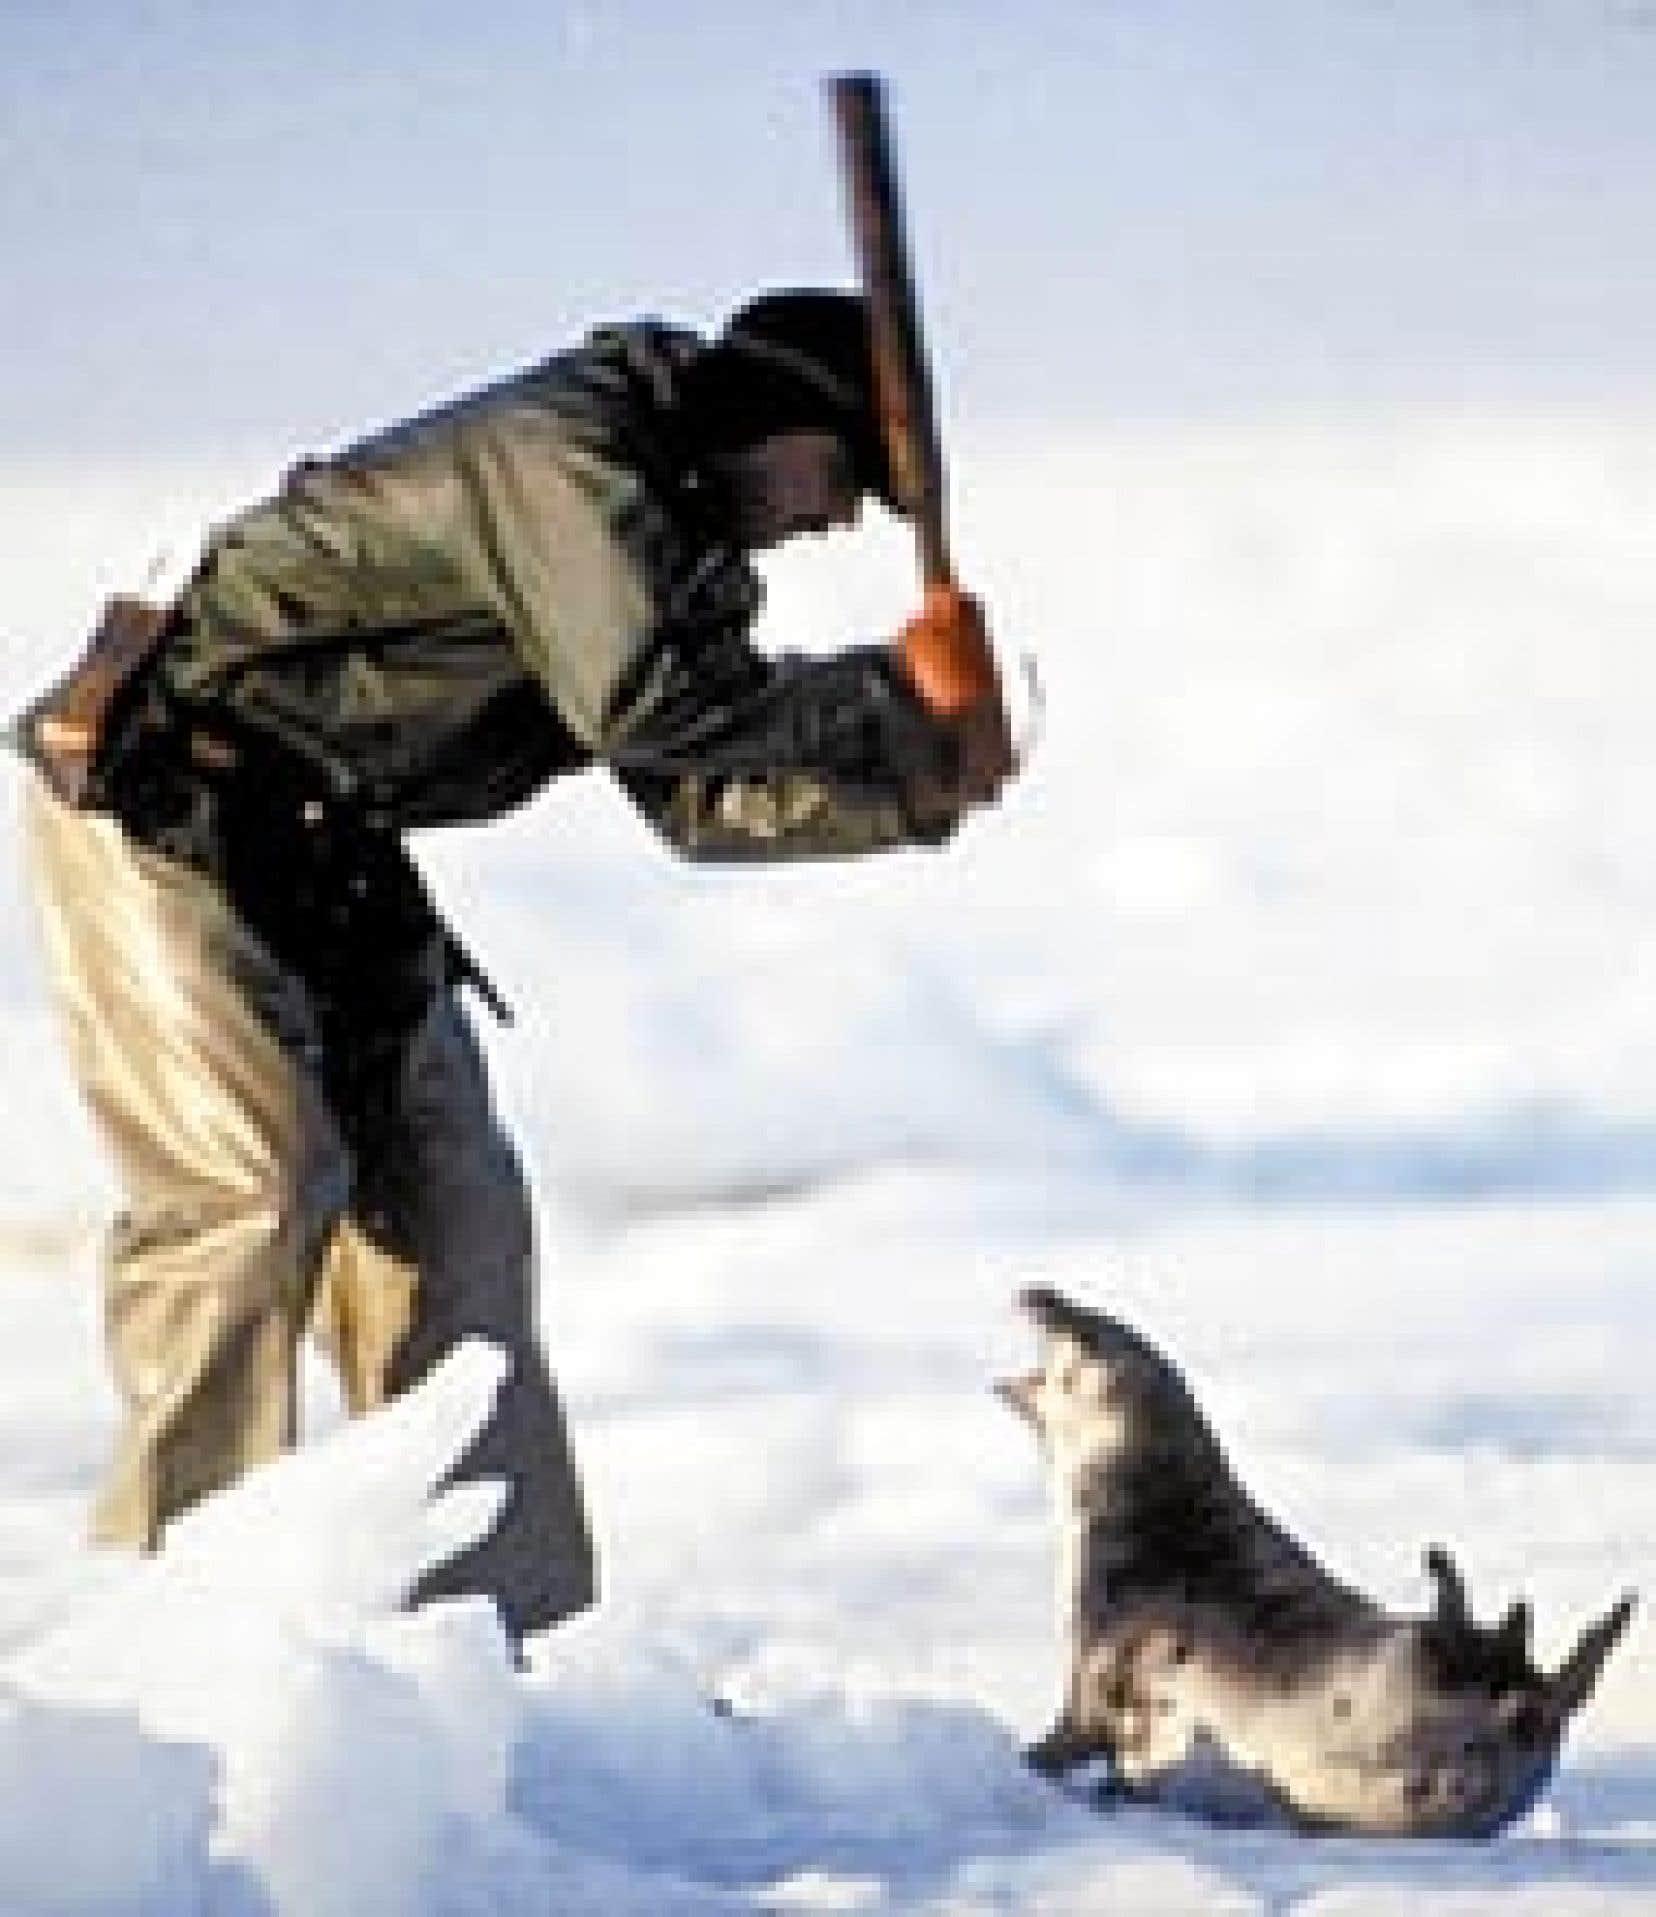 On voit ici un chasseur professionnel qui s'apprête à abattre un phoque adulte, car la chasse aux blanchons est totalement interdite depuis longtemps.